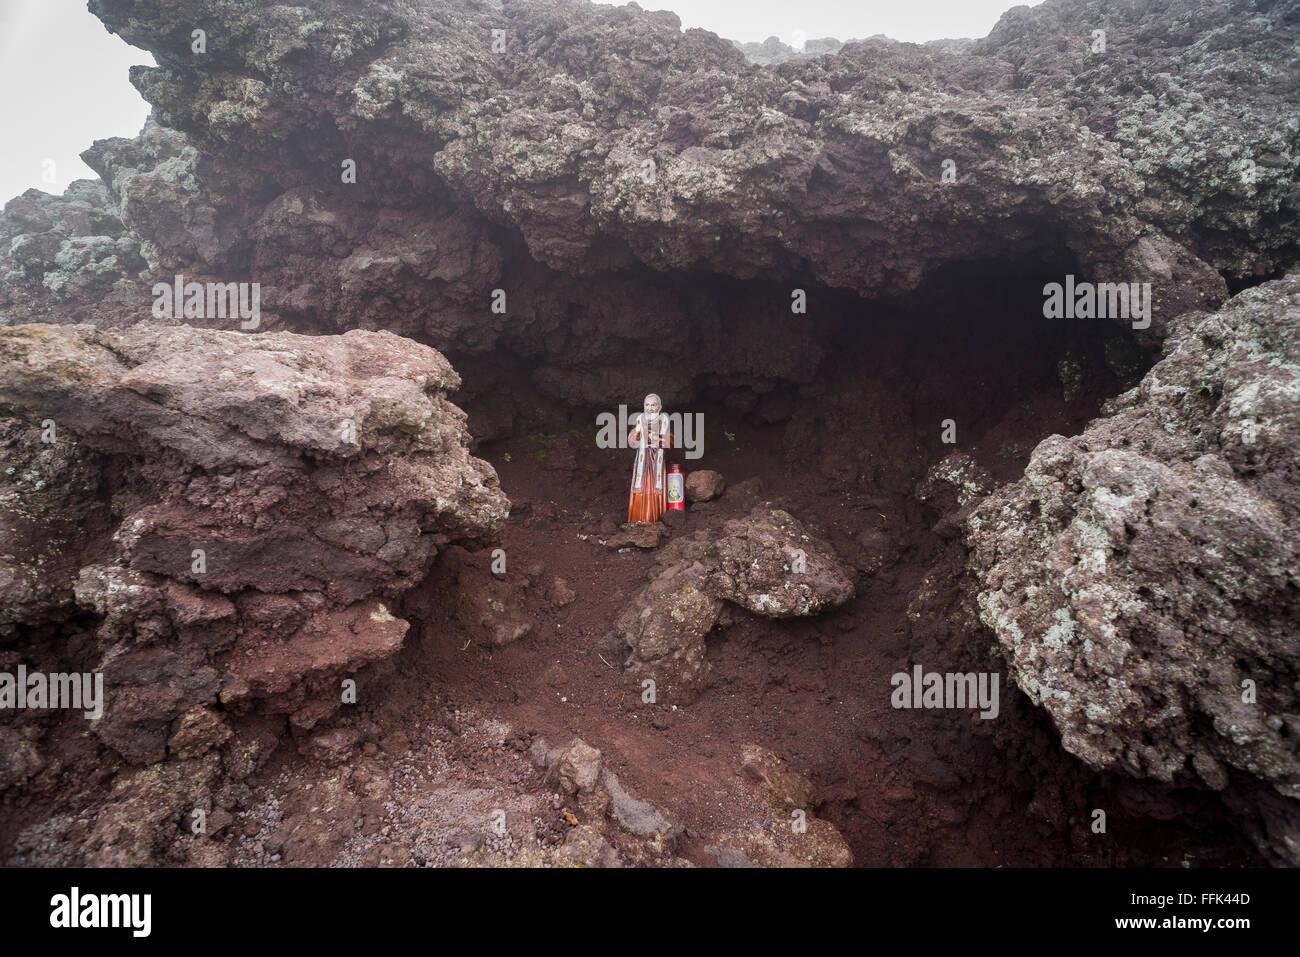 Una statuetta di Padre Pio collocato in una piccola grotta di lava vicino al cratere vulcanico presso la vetta del Immagini Stock